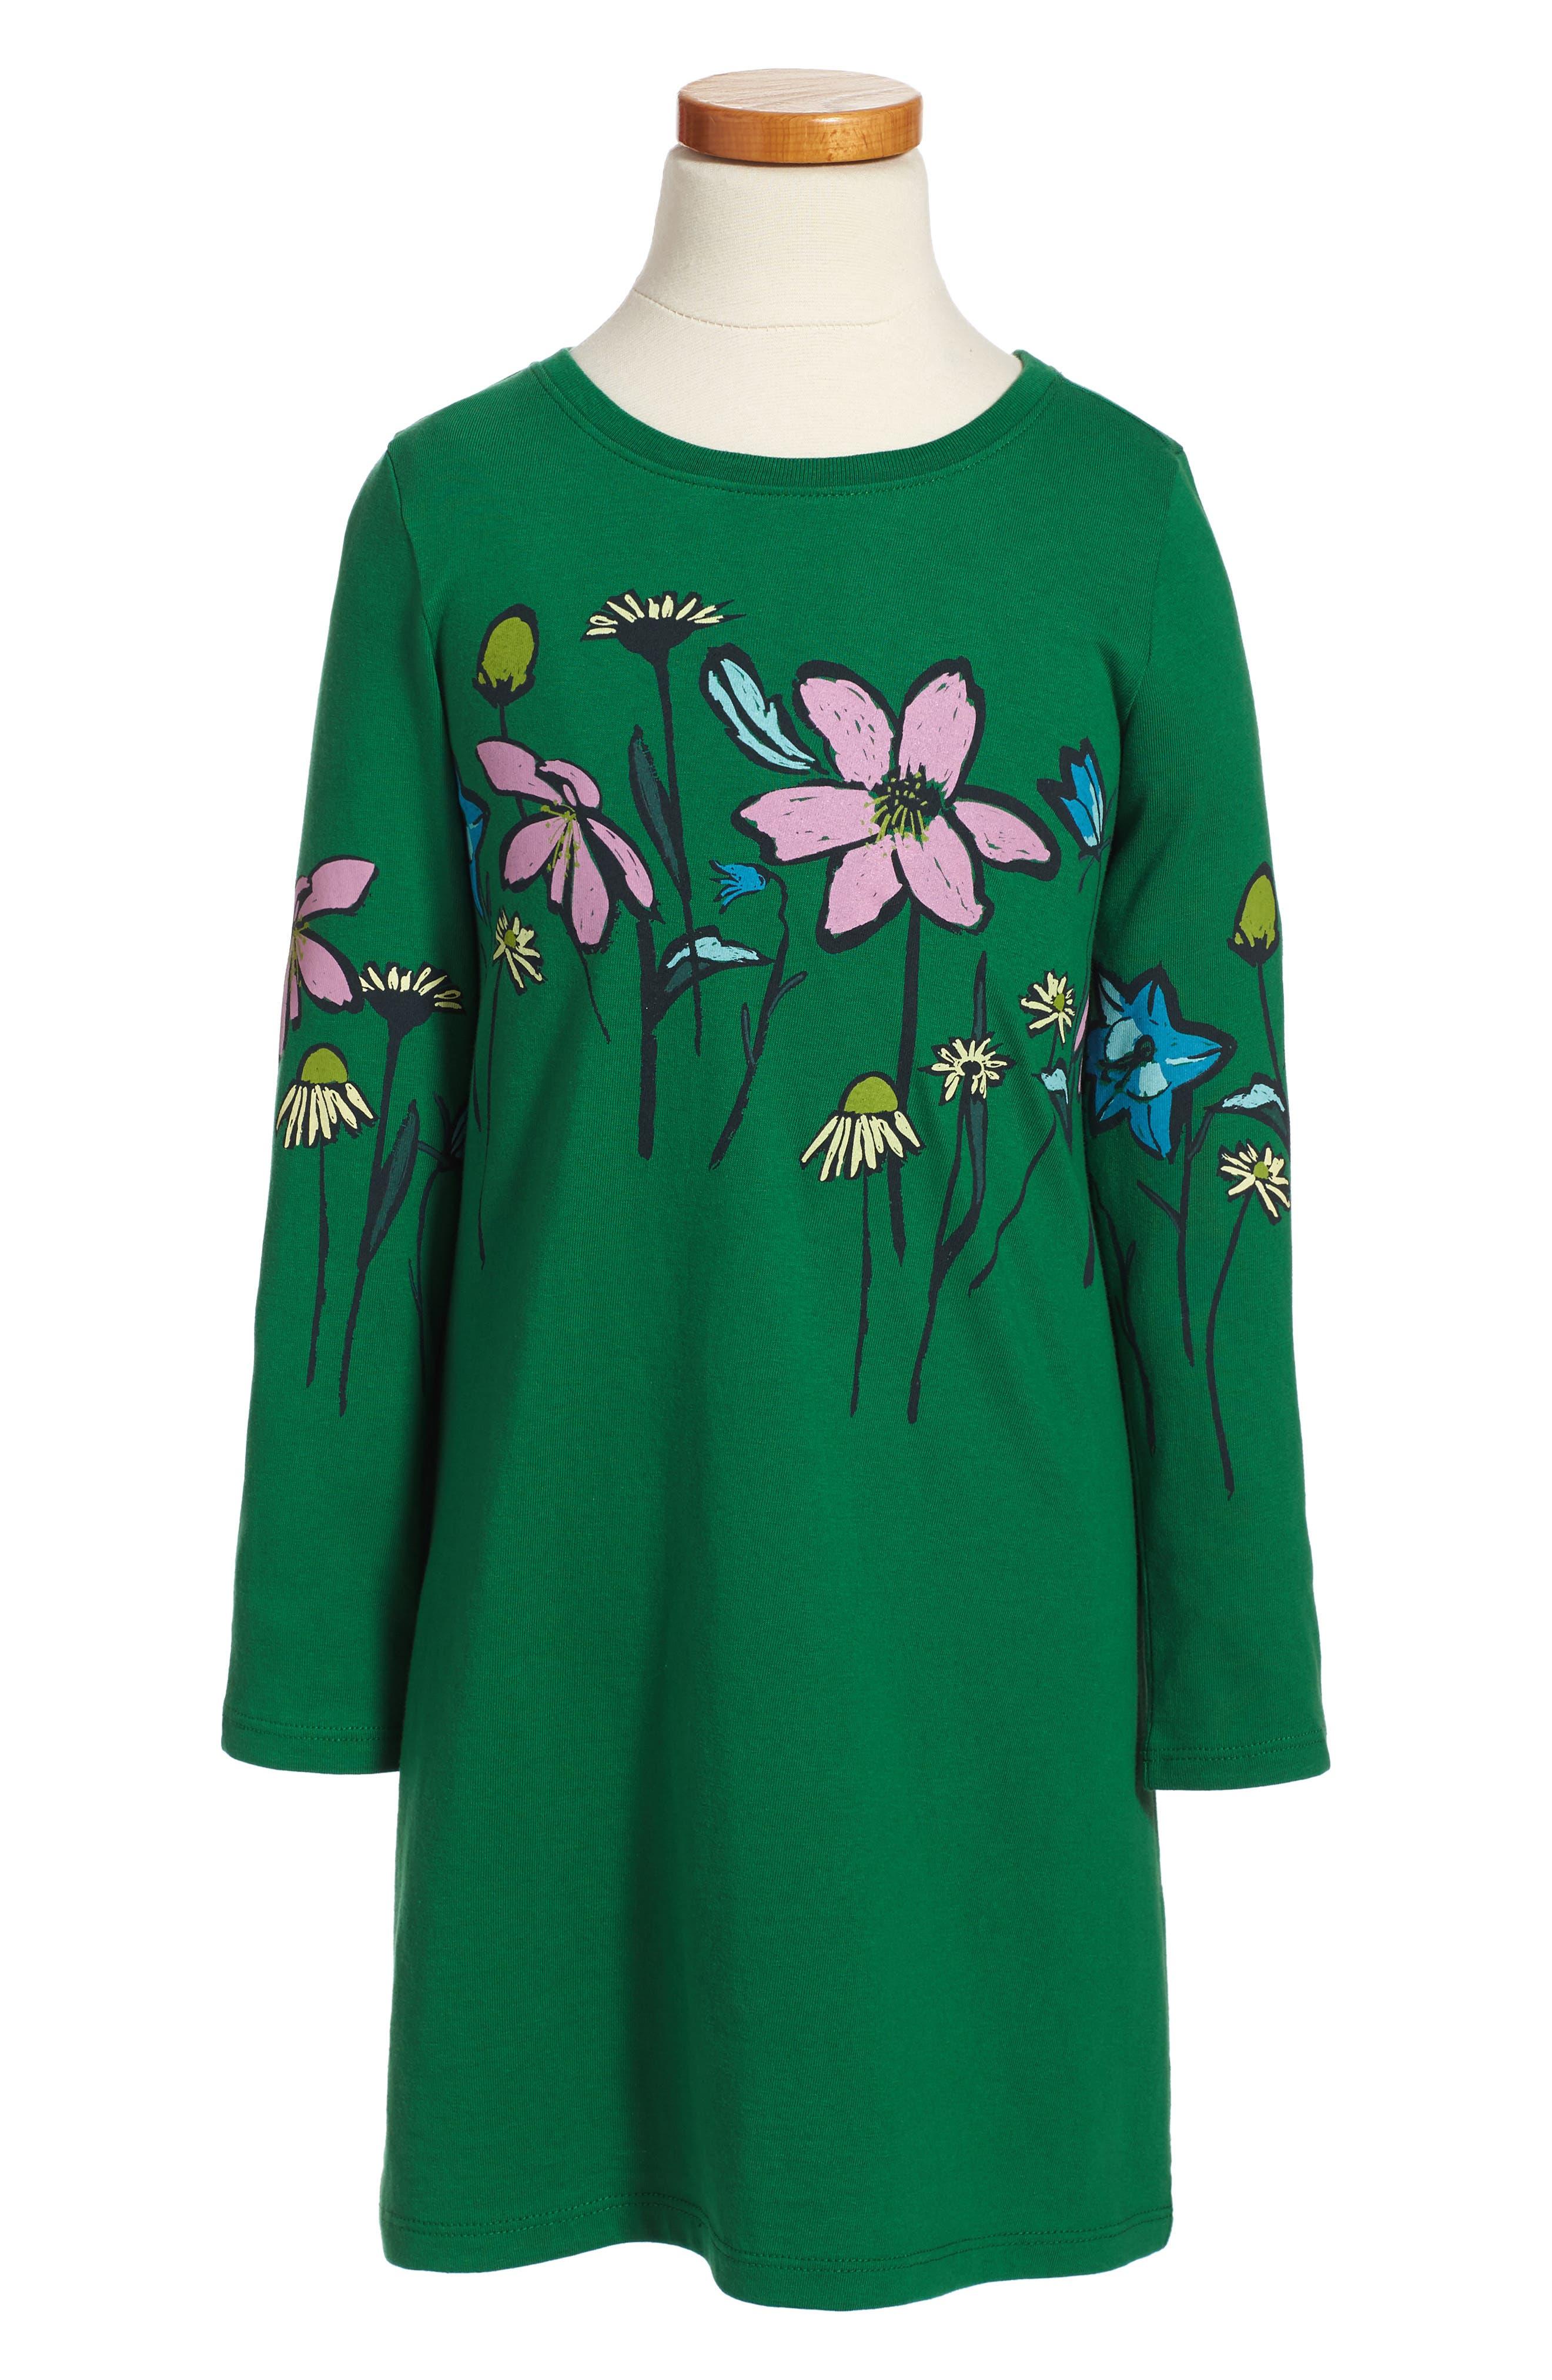 Main Image - Tea Collection Faileas Dress (Toddler Girls, Little Girls & Big Girls)